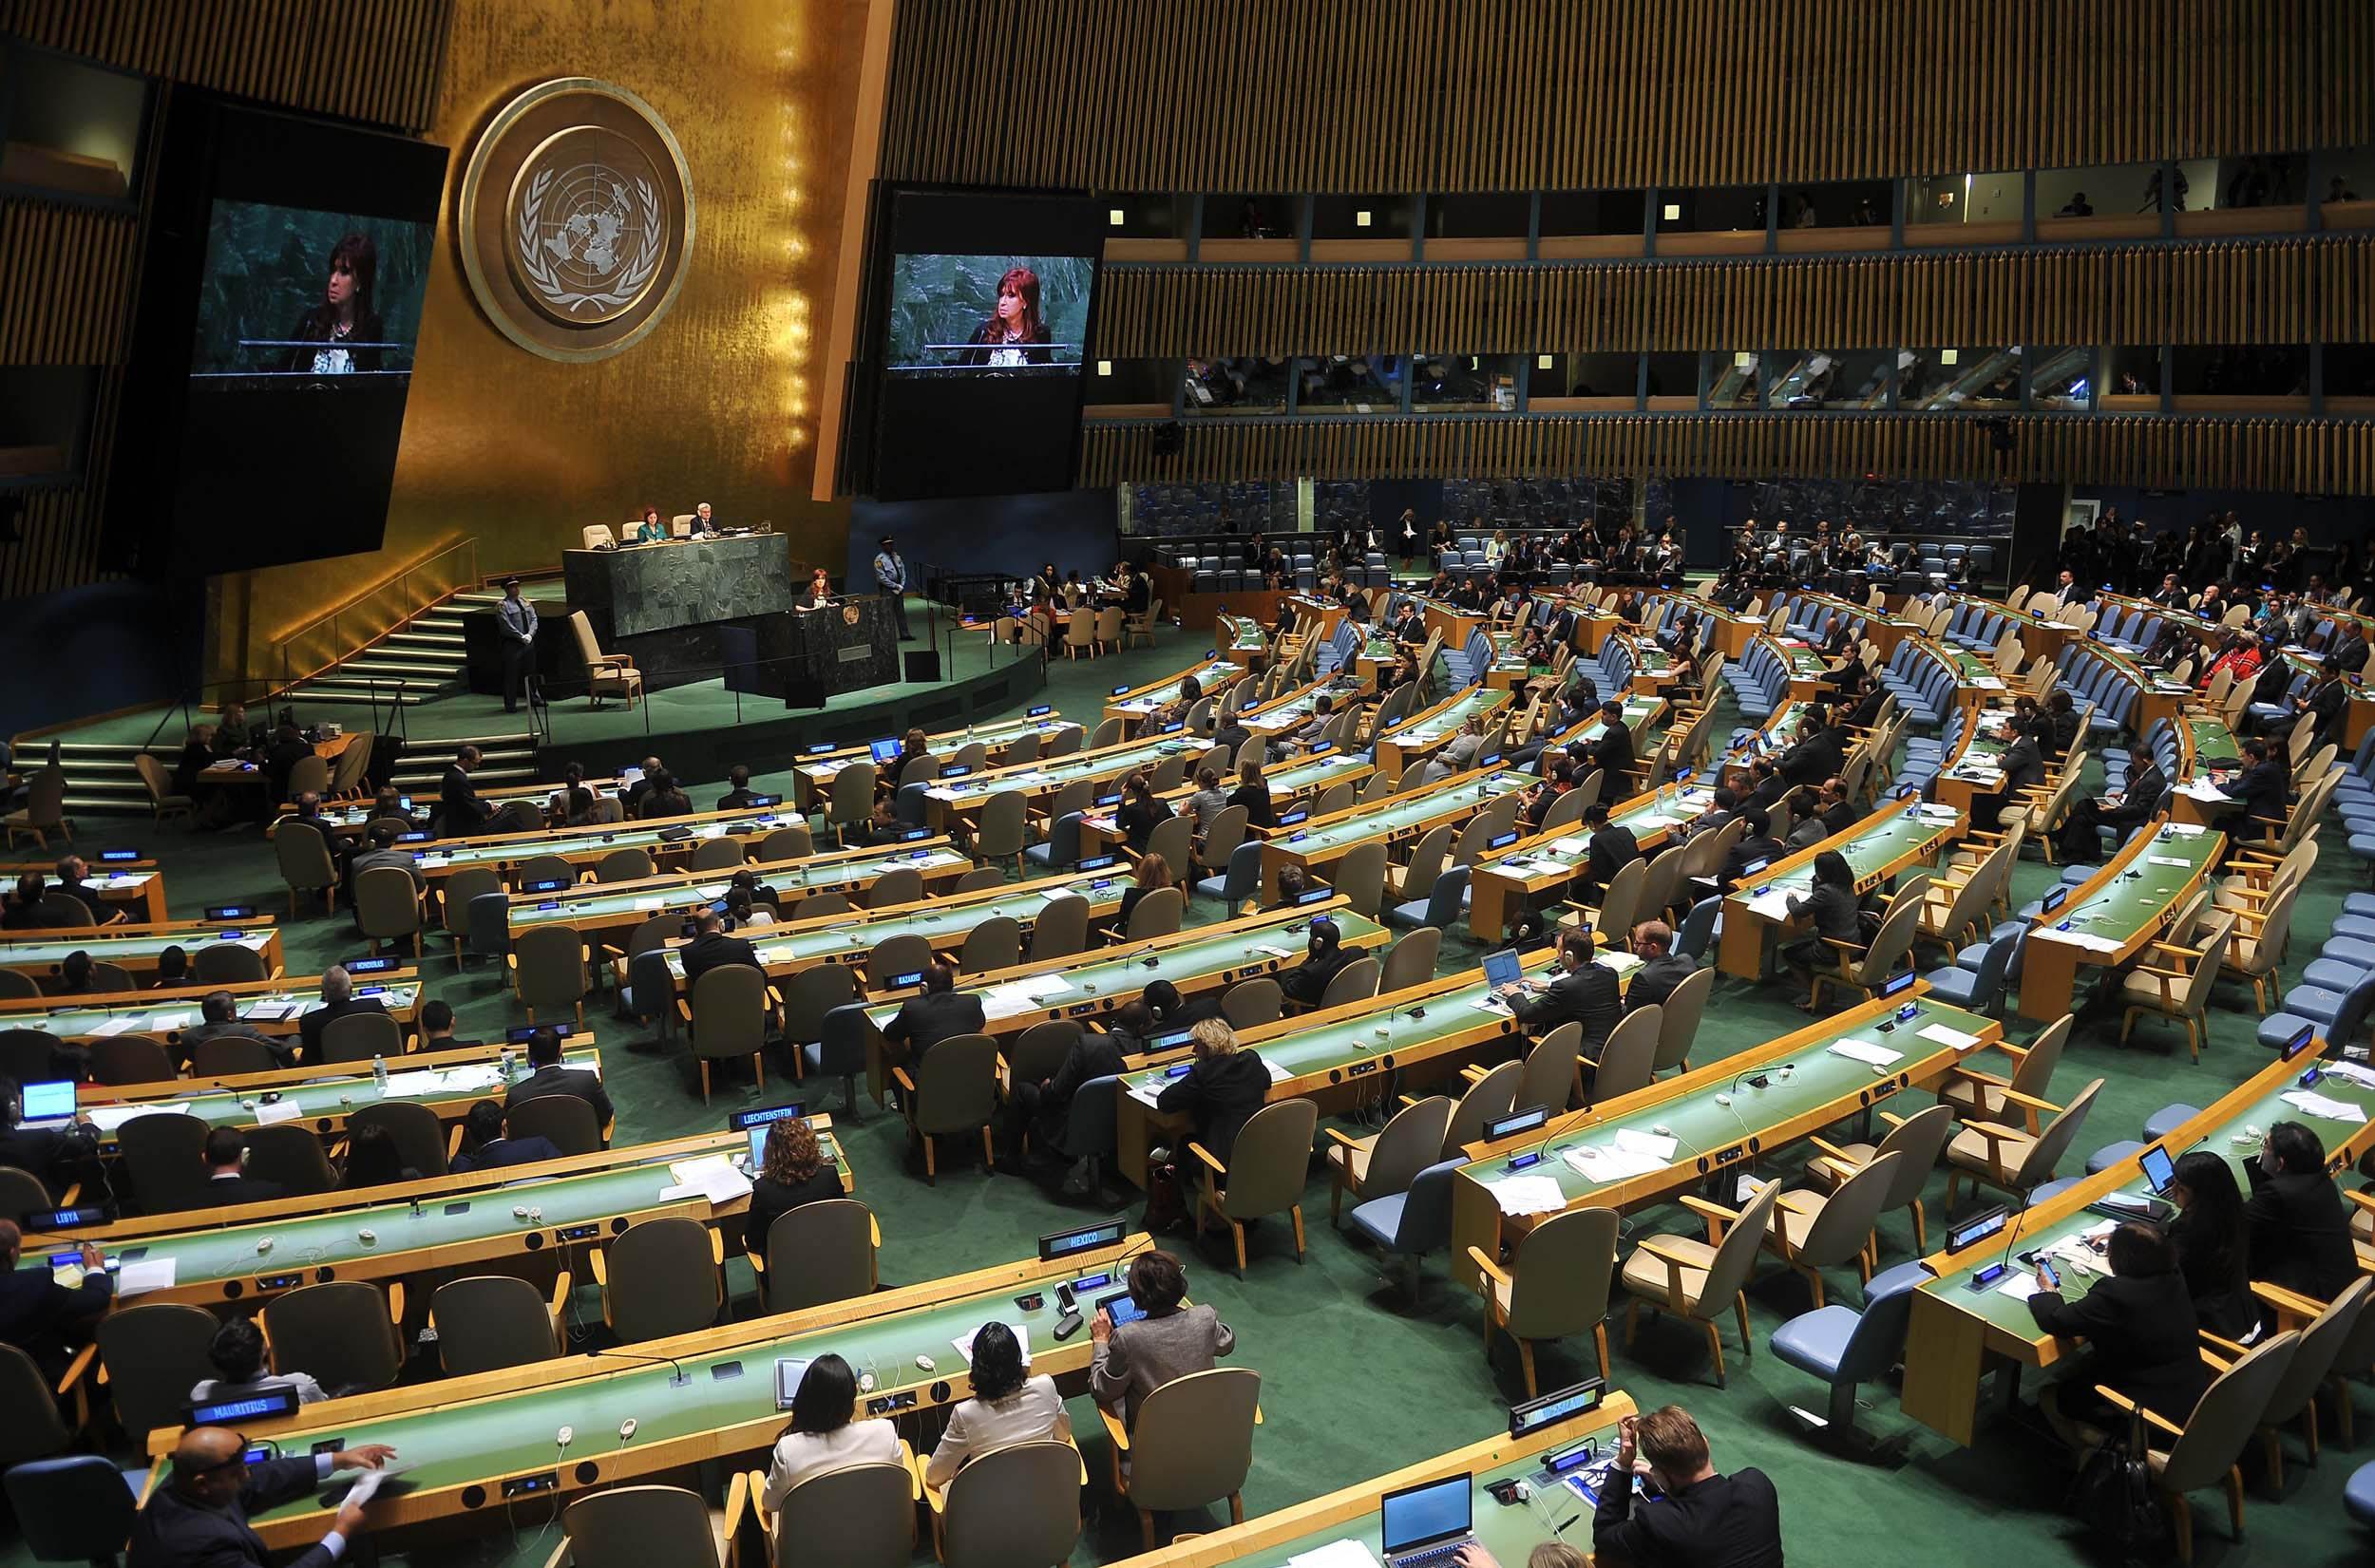 El Consejo de Seguridad se reunirá en Nueva York a raíz de la última prueba balística de Kim Jong Un